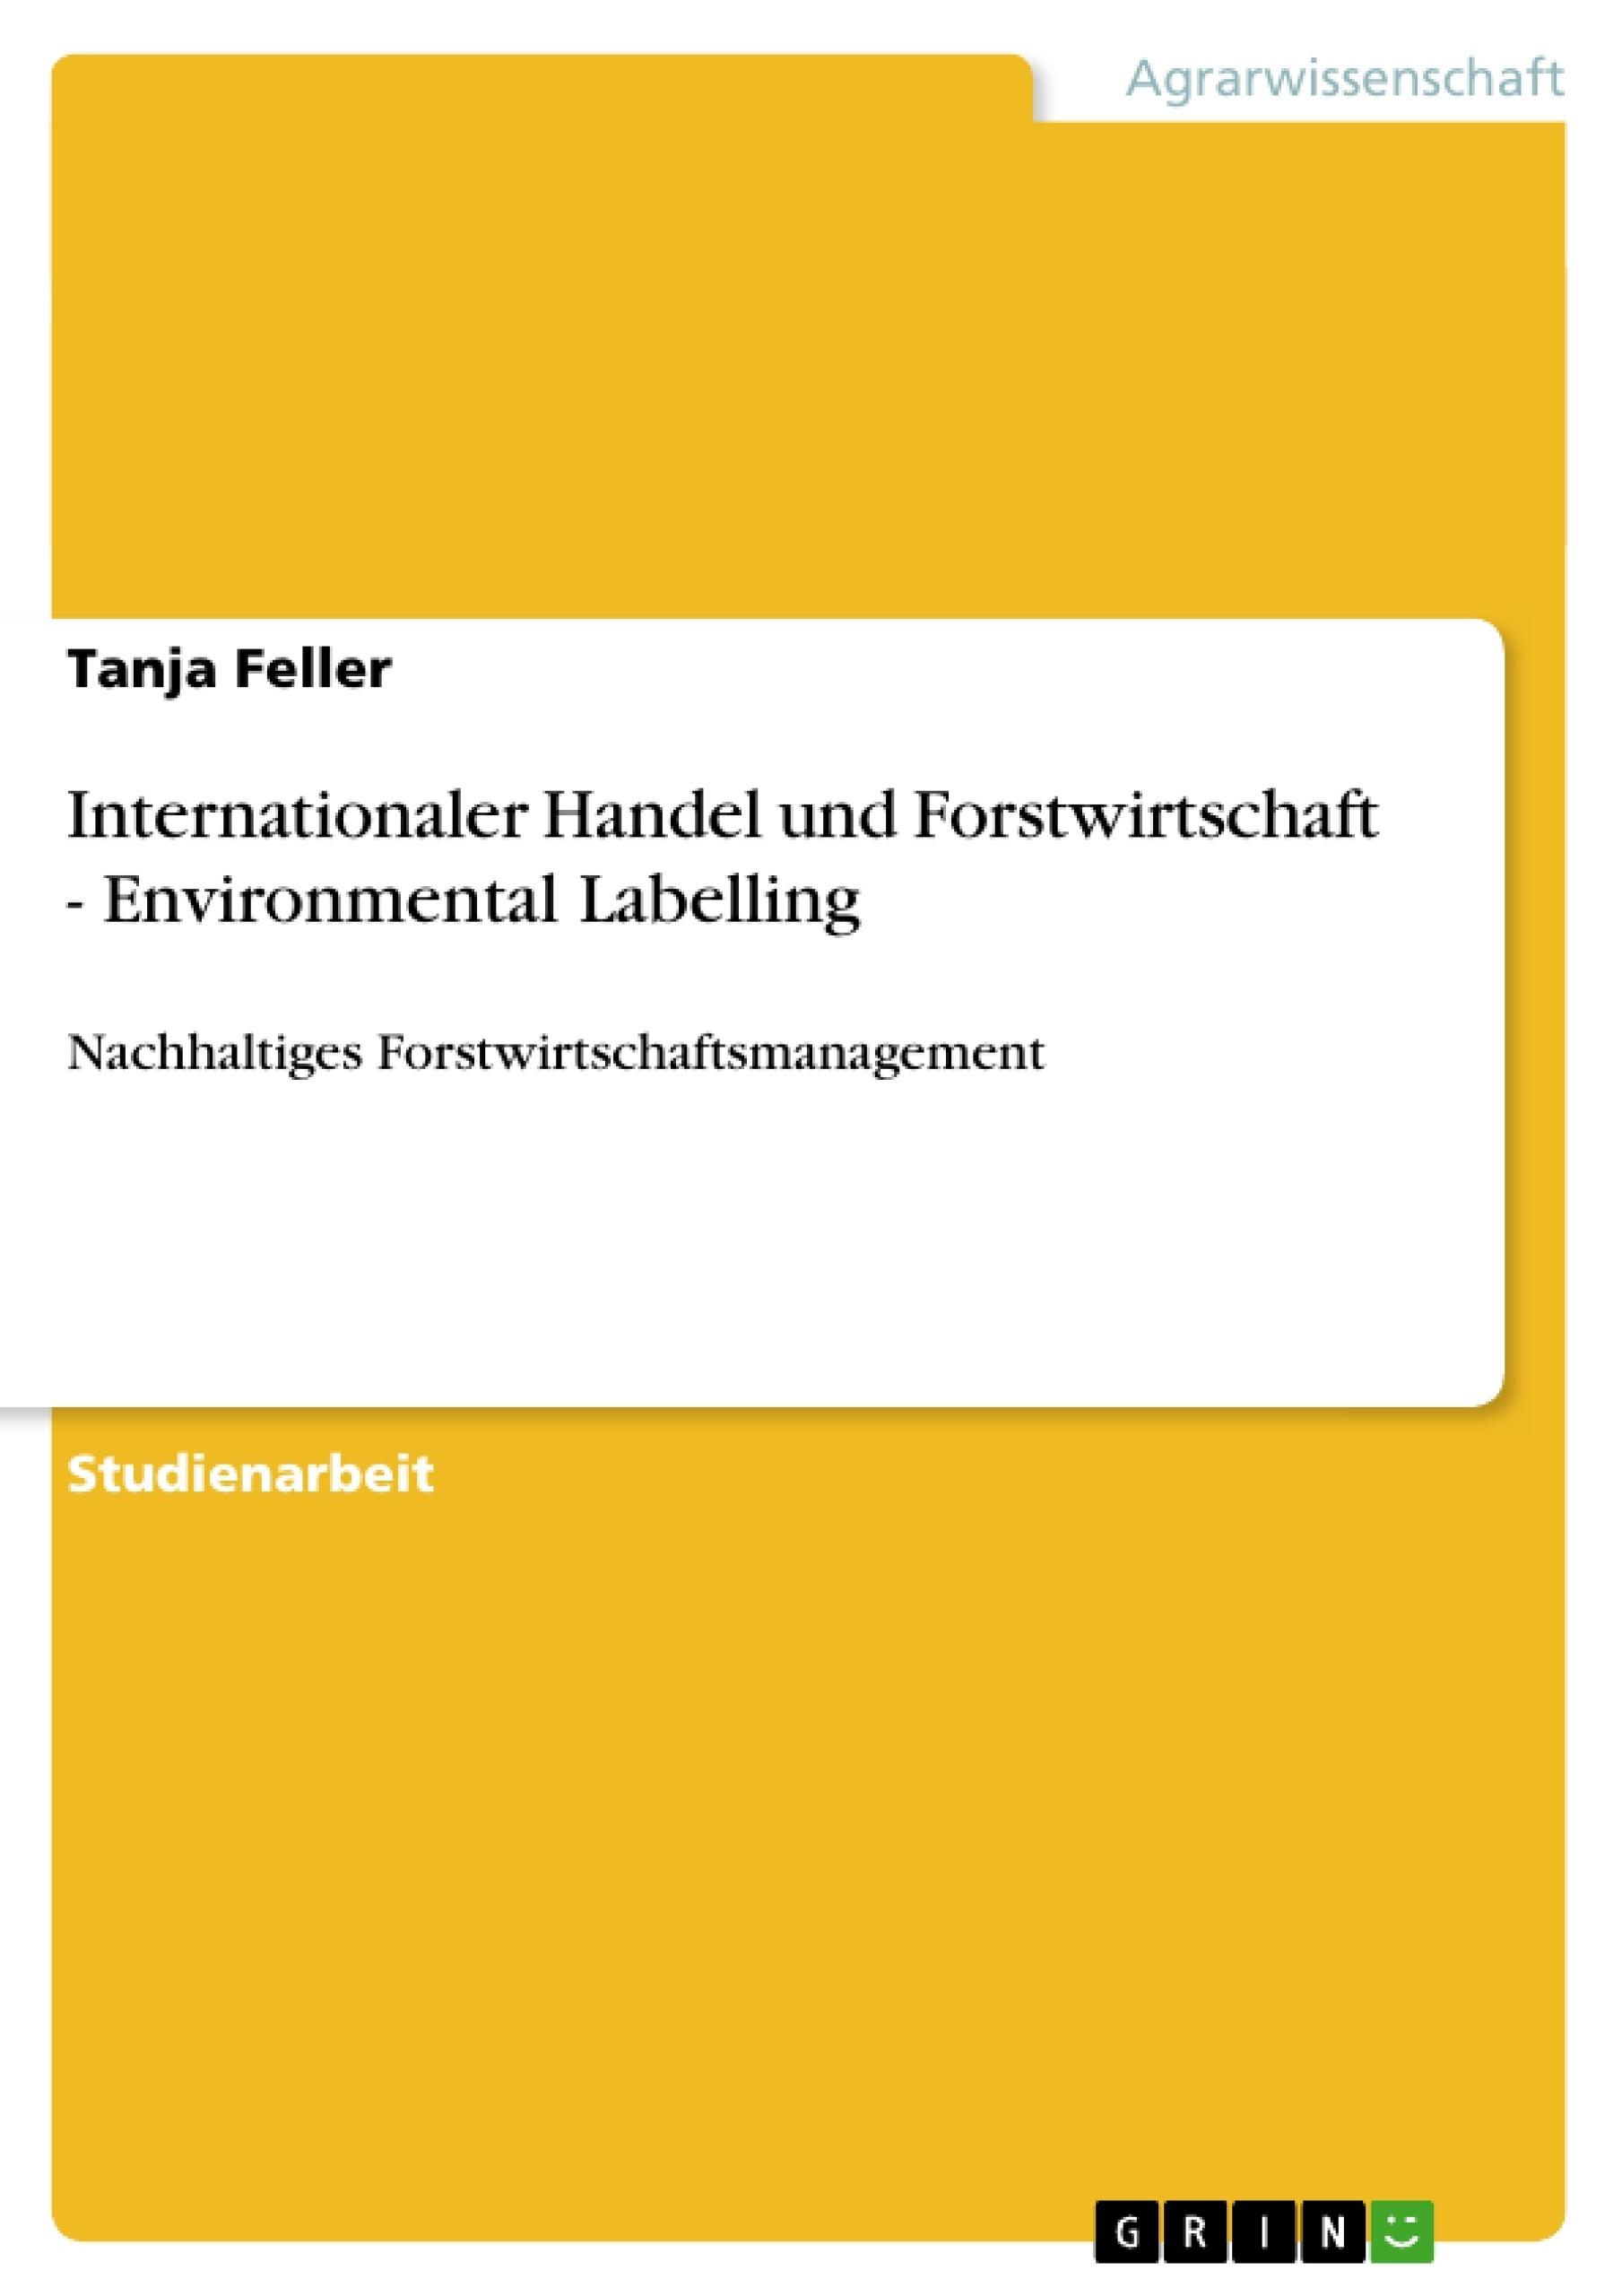 Titel: Internationaler Handel und Forstwirtschaft - Environmental Labelling